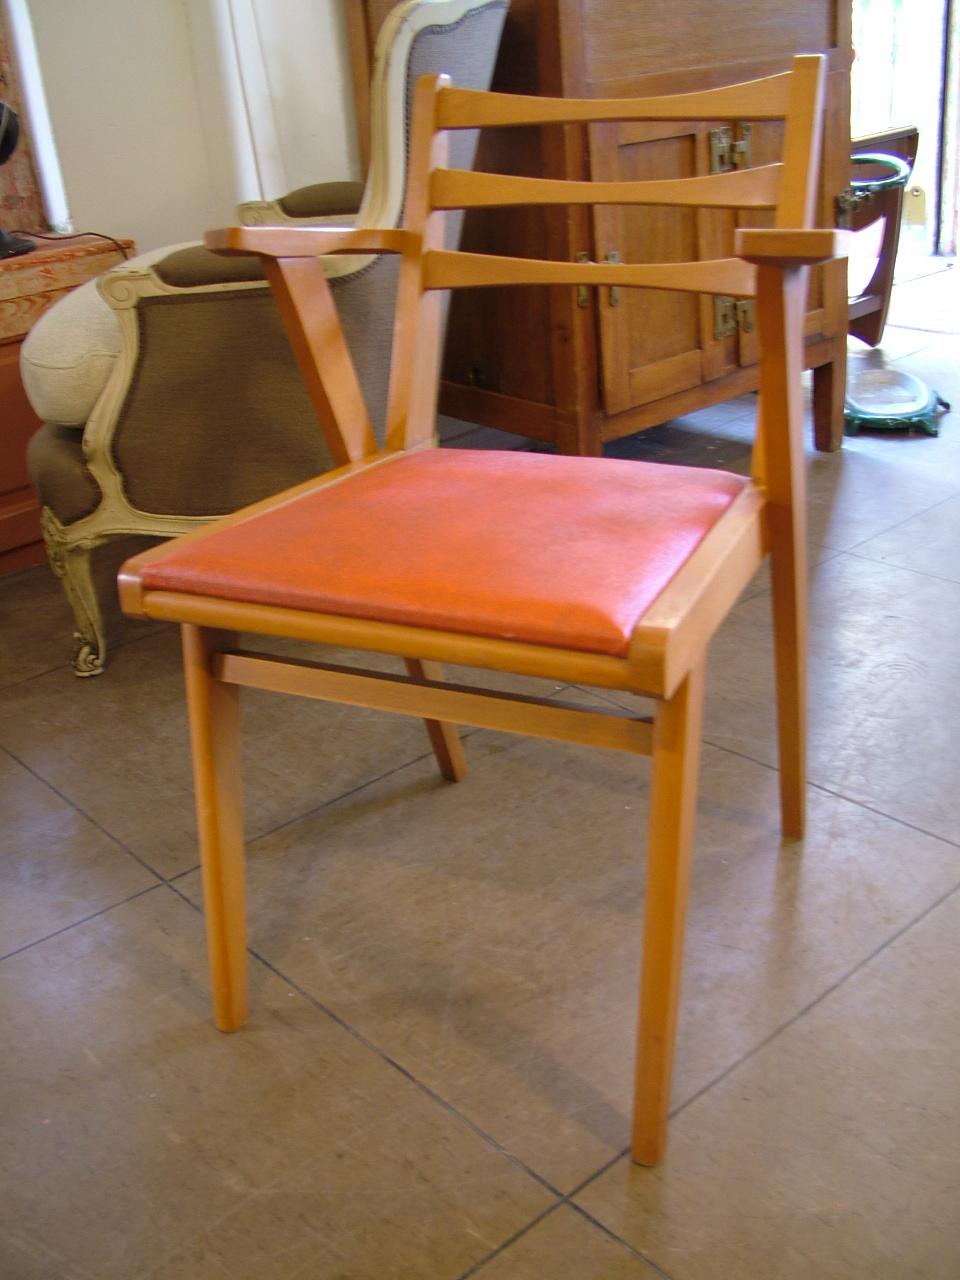 La republicana vintage store silla de los a os 60 - Sillas anos 60 ...